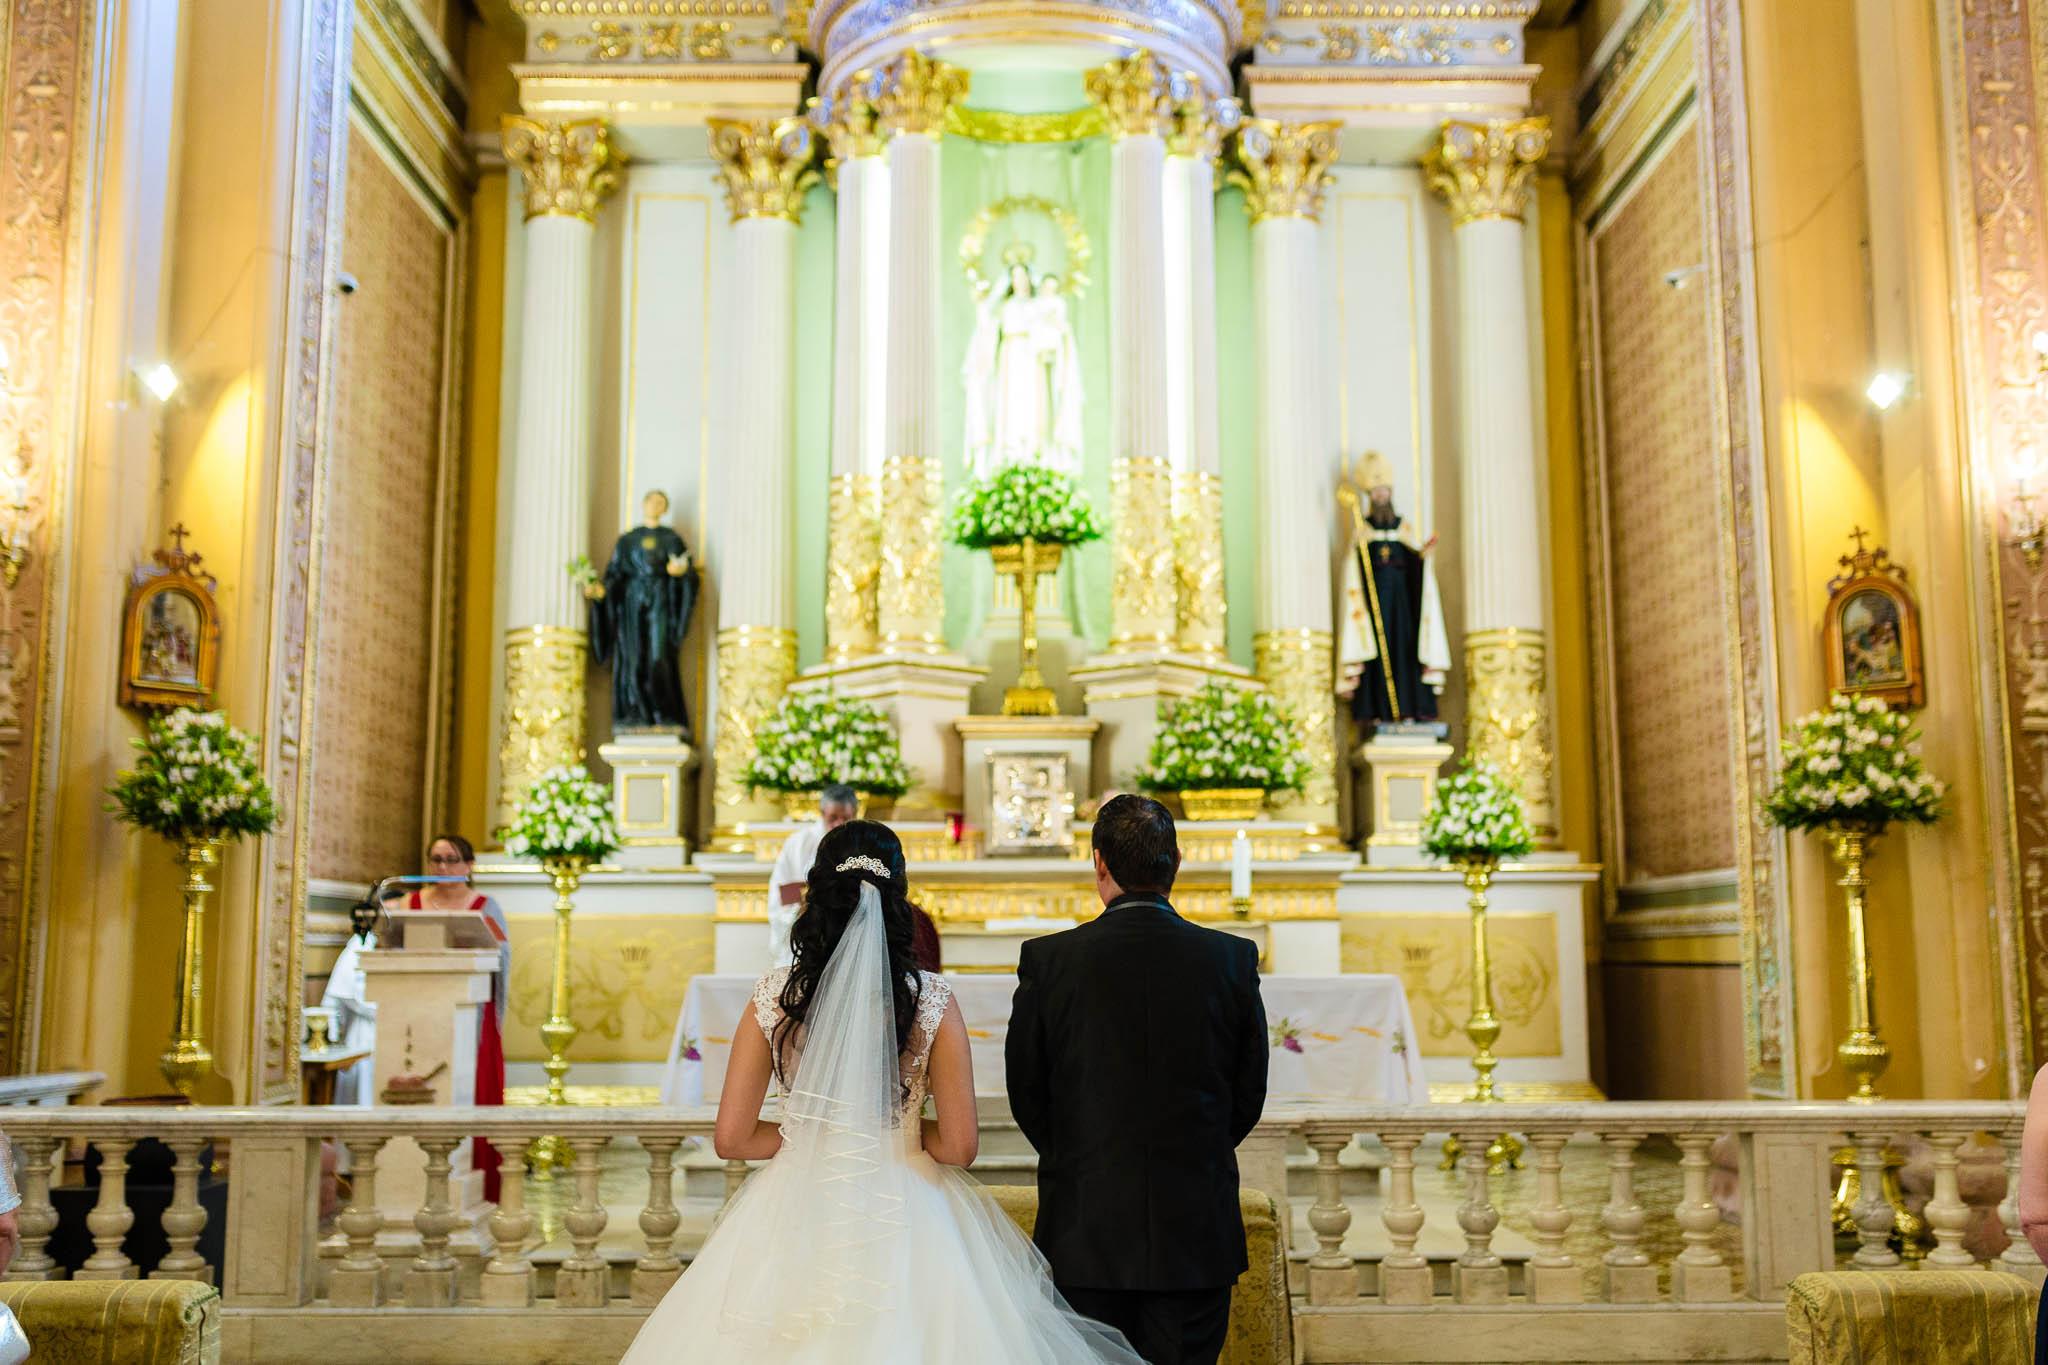 fotografo de bodas san luis potosi boda mexico wedding destination fotos de boda 81